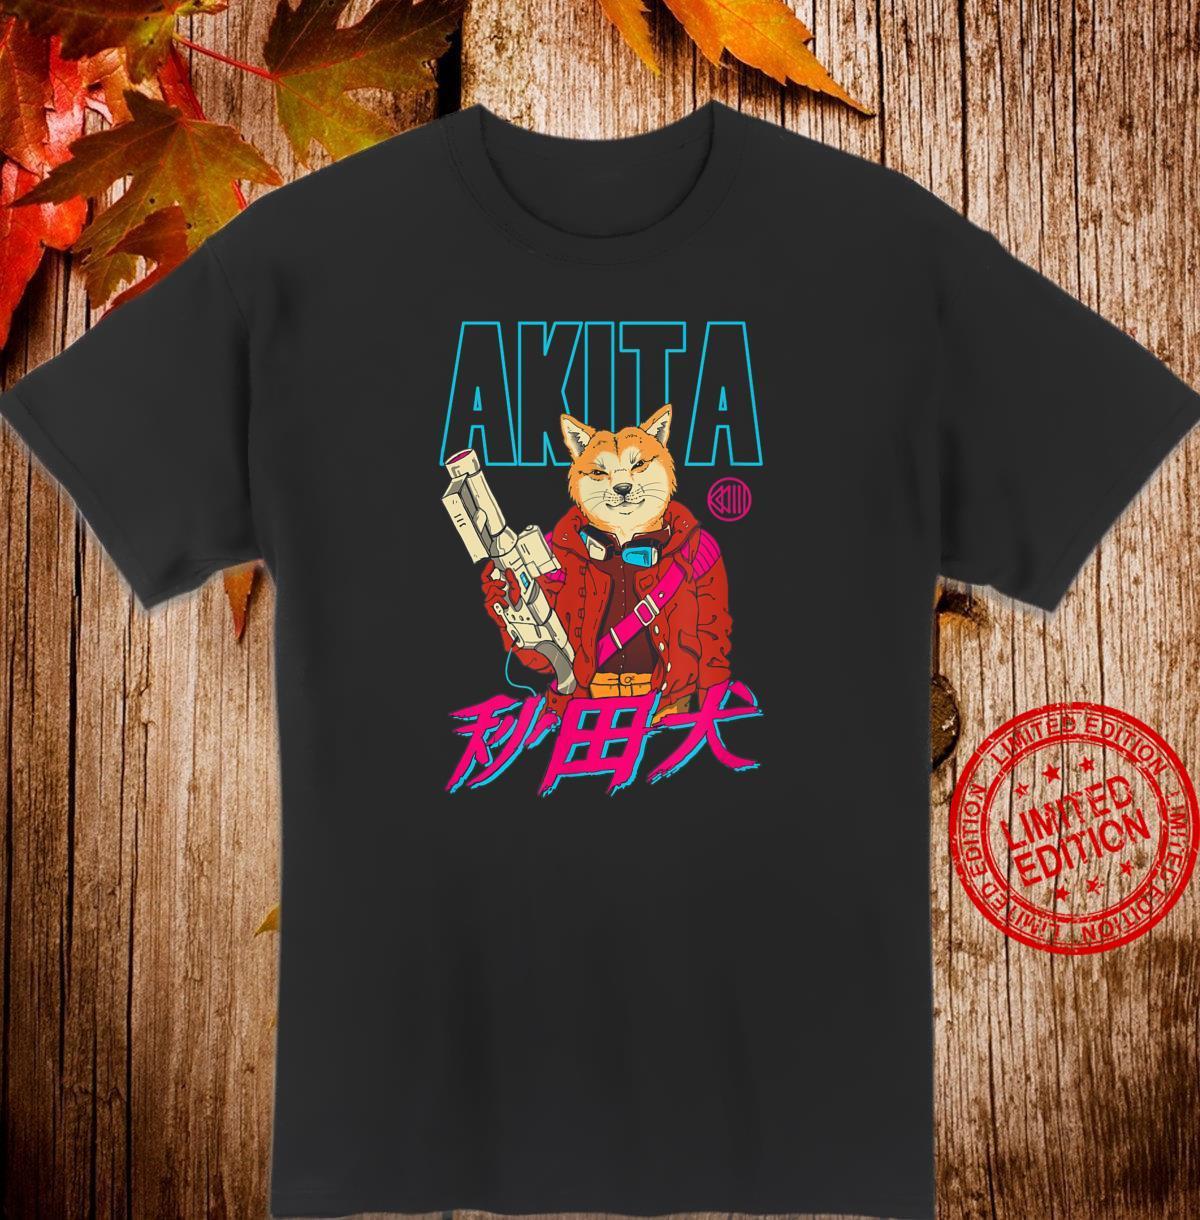 Akita Retrowave Shirt